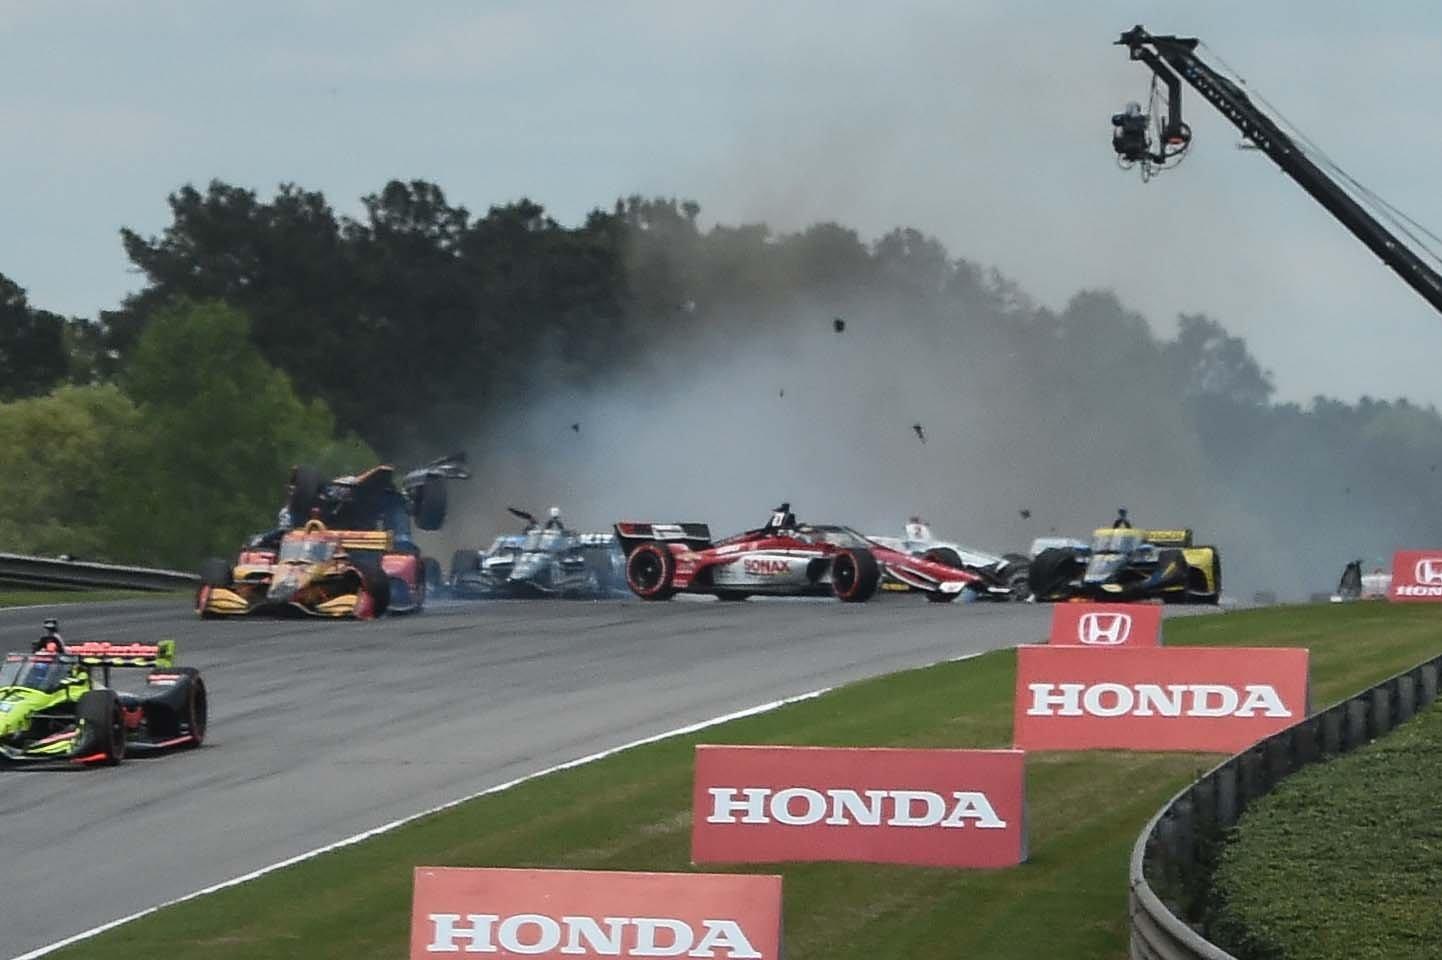 Indycar crash at Barber Motorsports Park